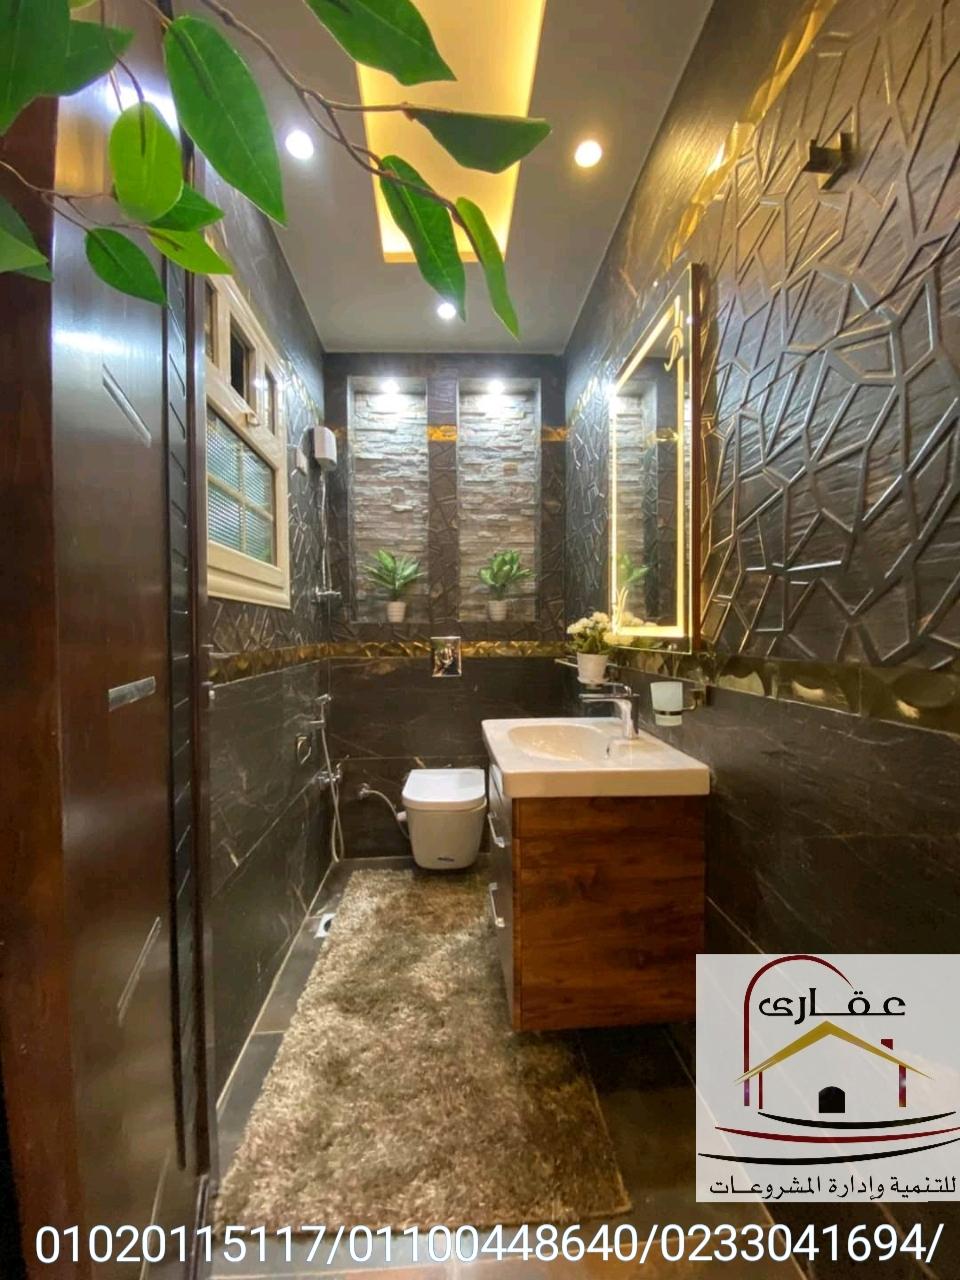 ديكورات حمامات /حمامات صغيرة /حمامات كبيرة/ عقارى 01100448640 Whats156